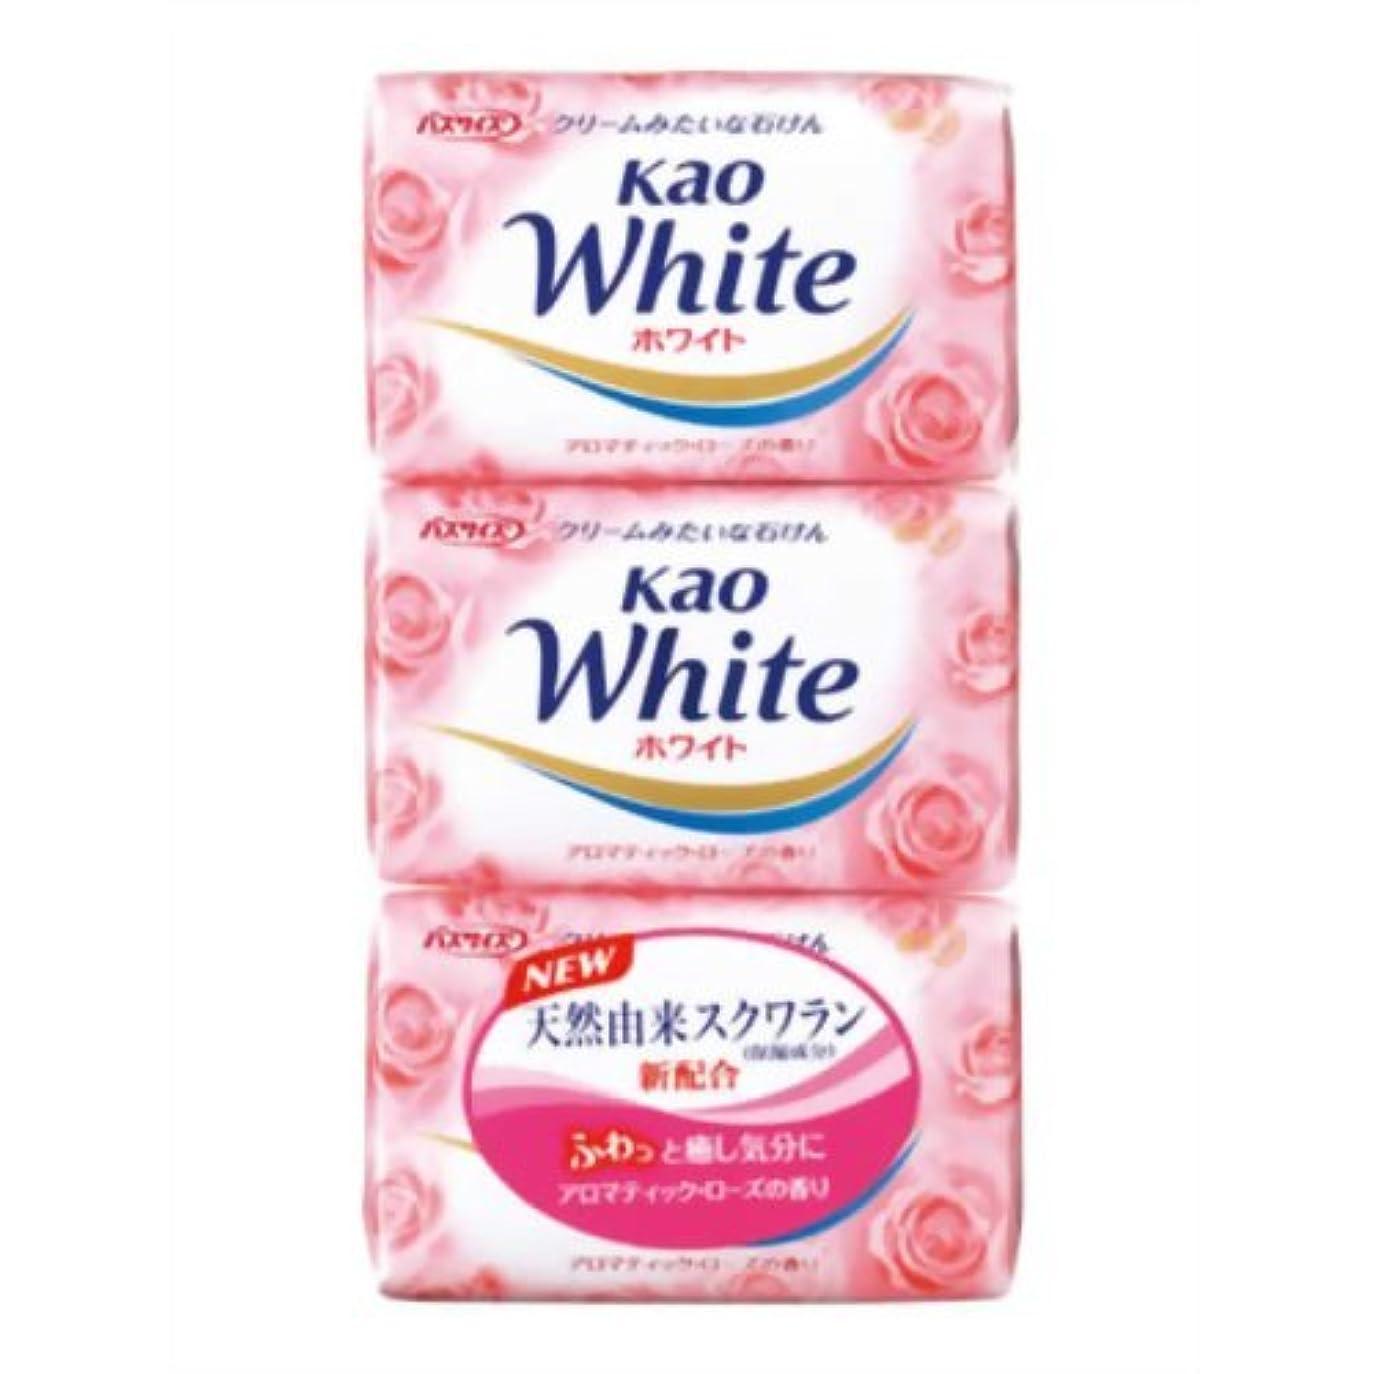 遊びますロッカー集団花王ホワイト アロマティックローズの香り バスサイズ 130g*3個入